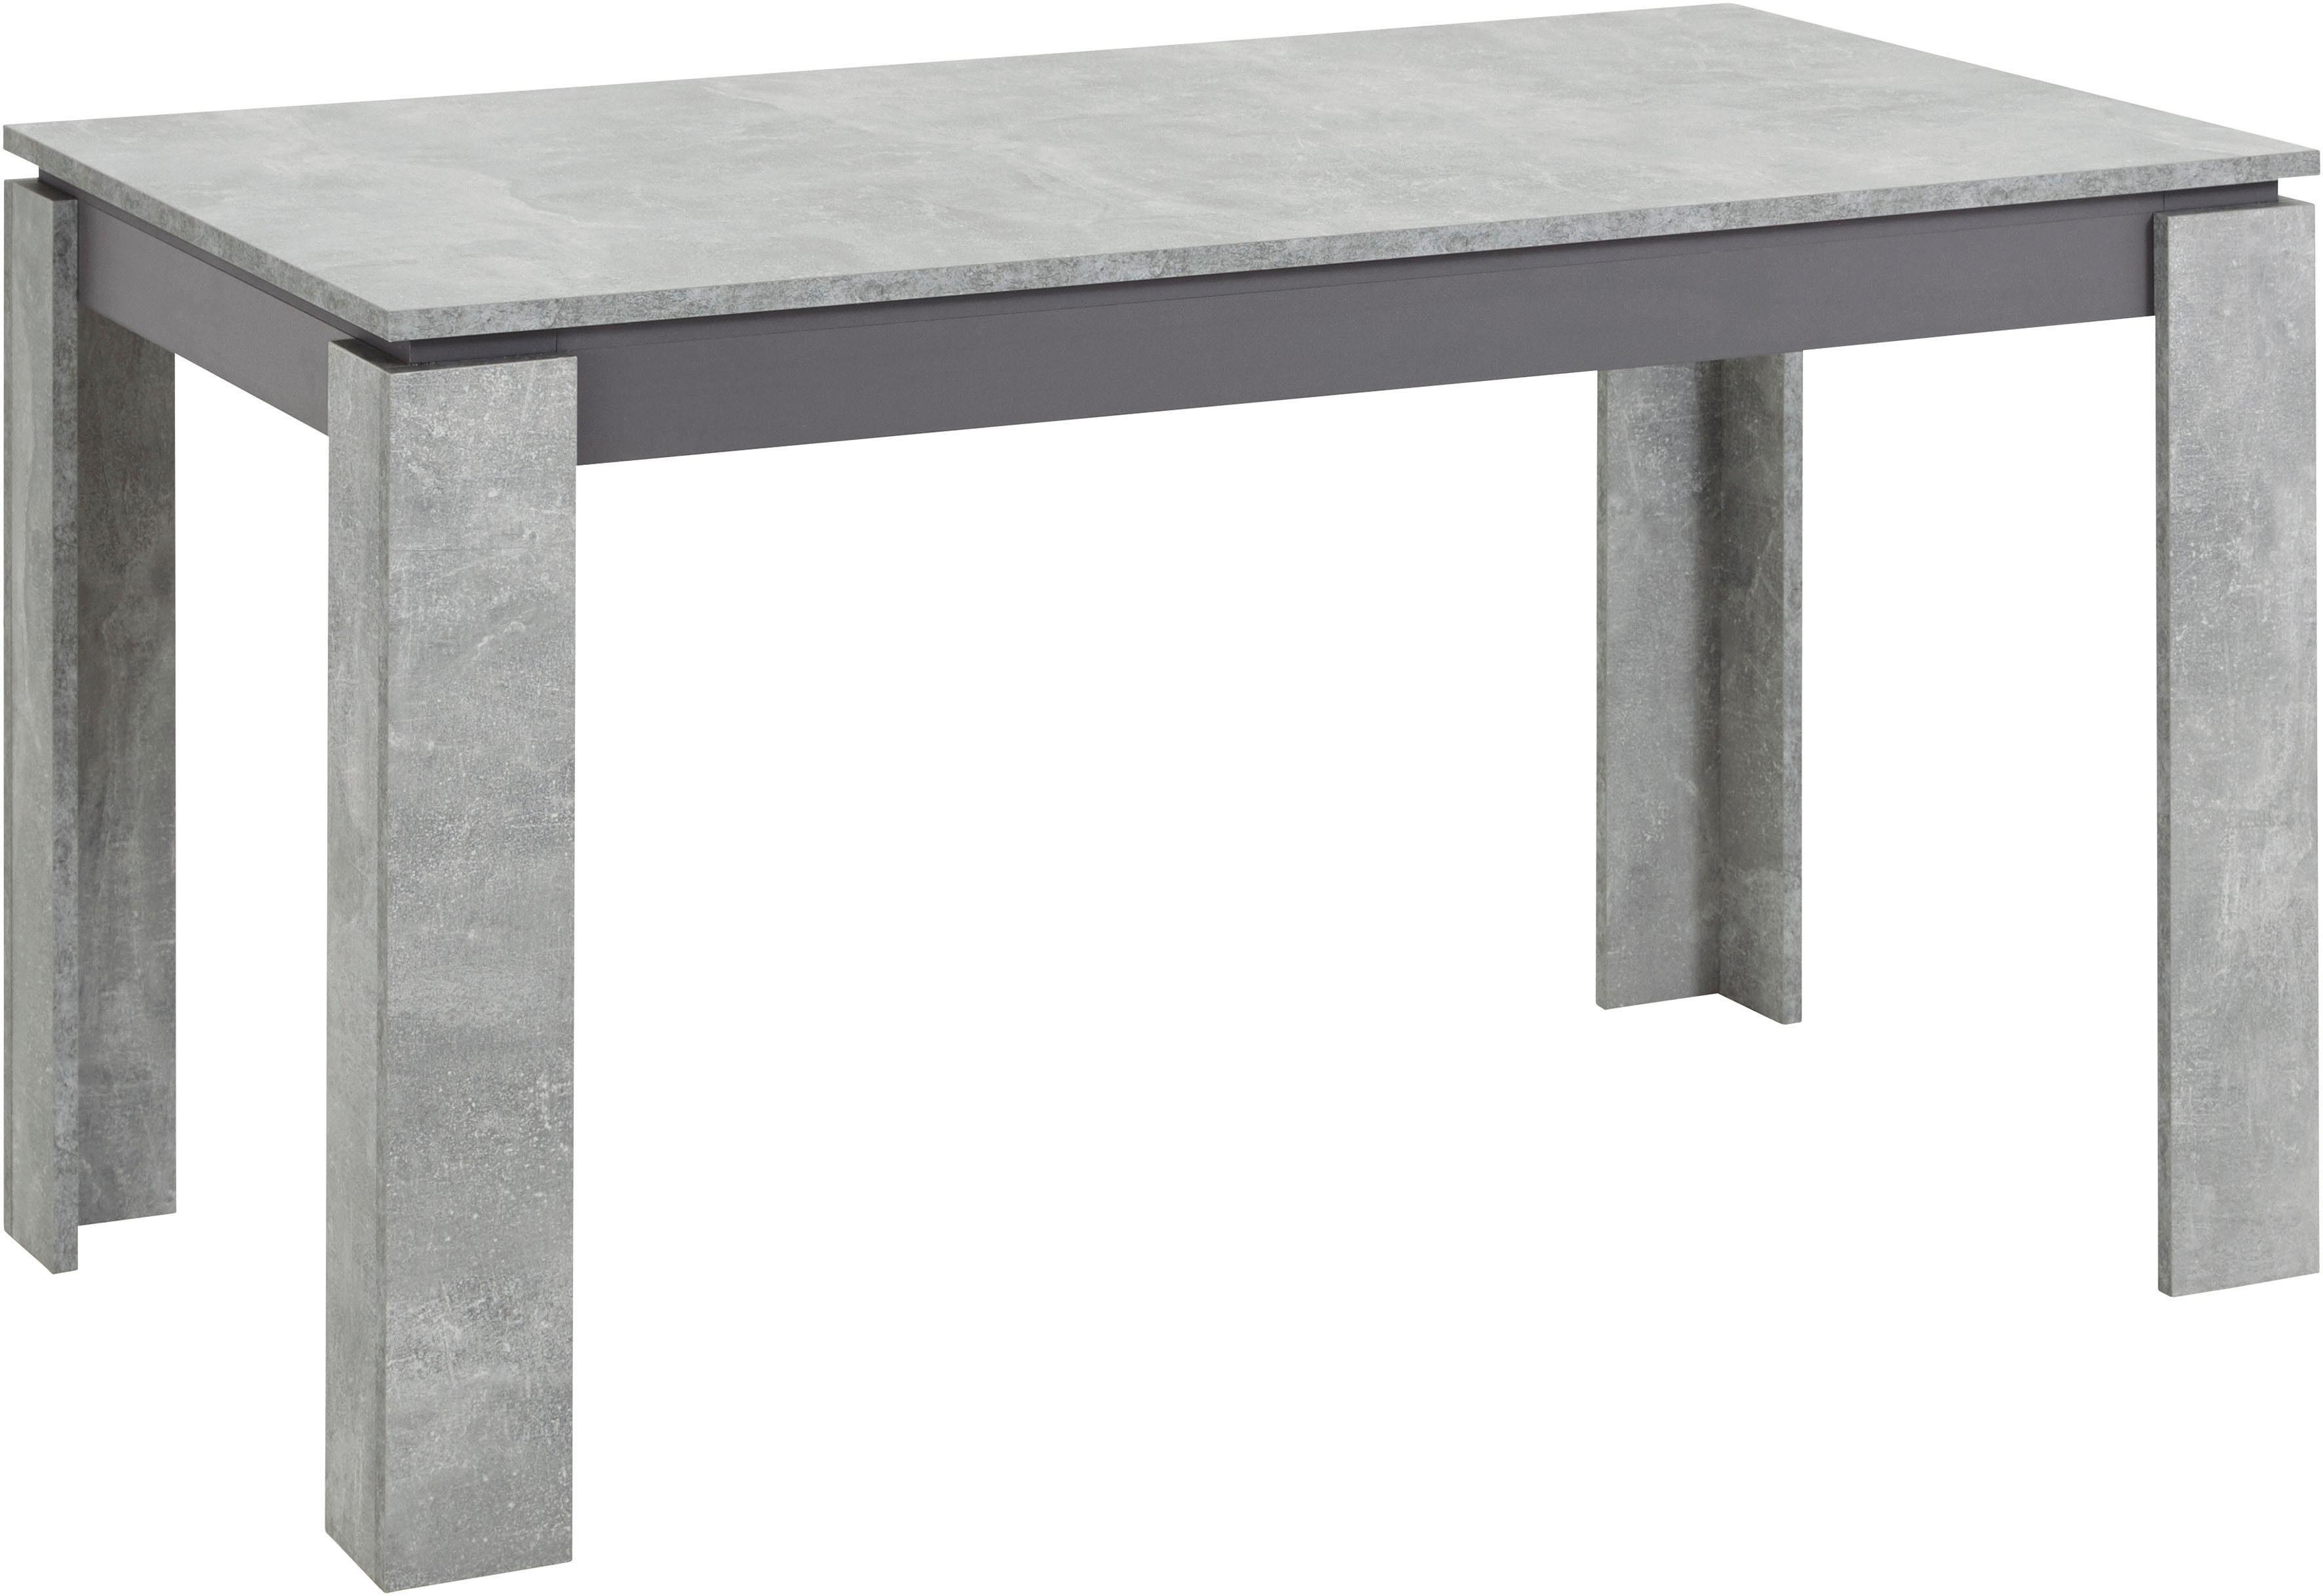 HELA Esstisch »Katrin«, Breite 140 cm, Rechteckige Tischplatte online kaufen | OTTO